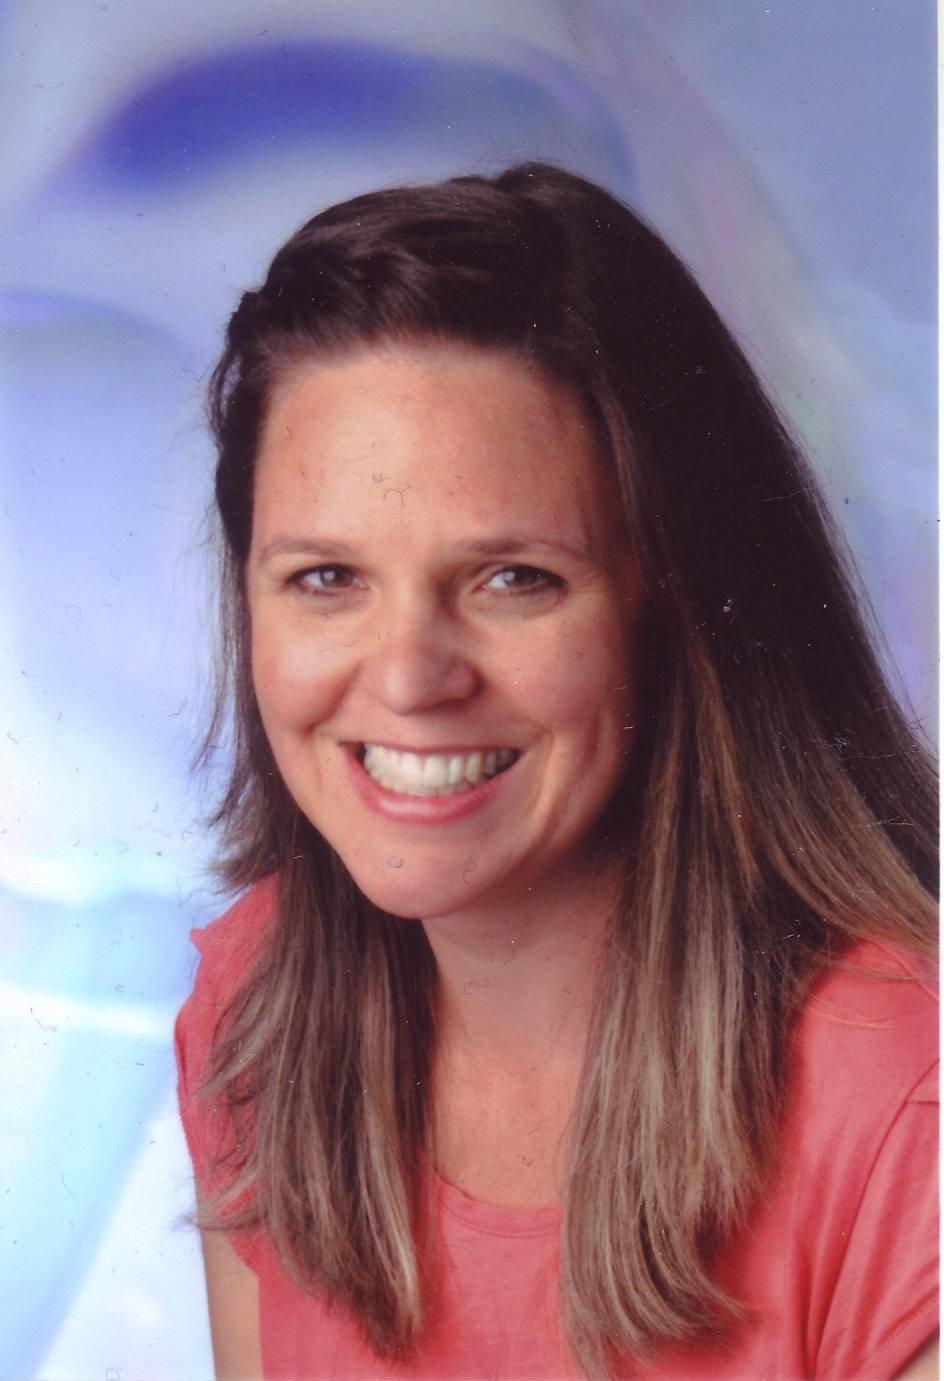 Hilde Mahlknecht